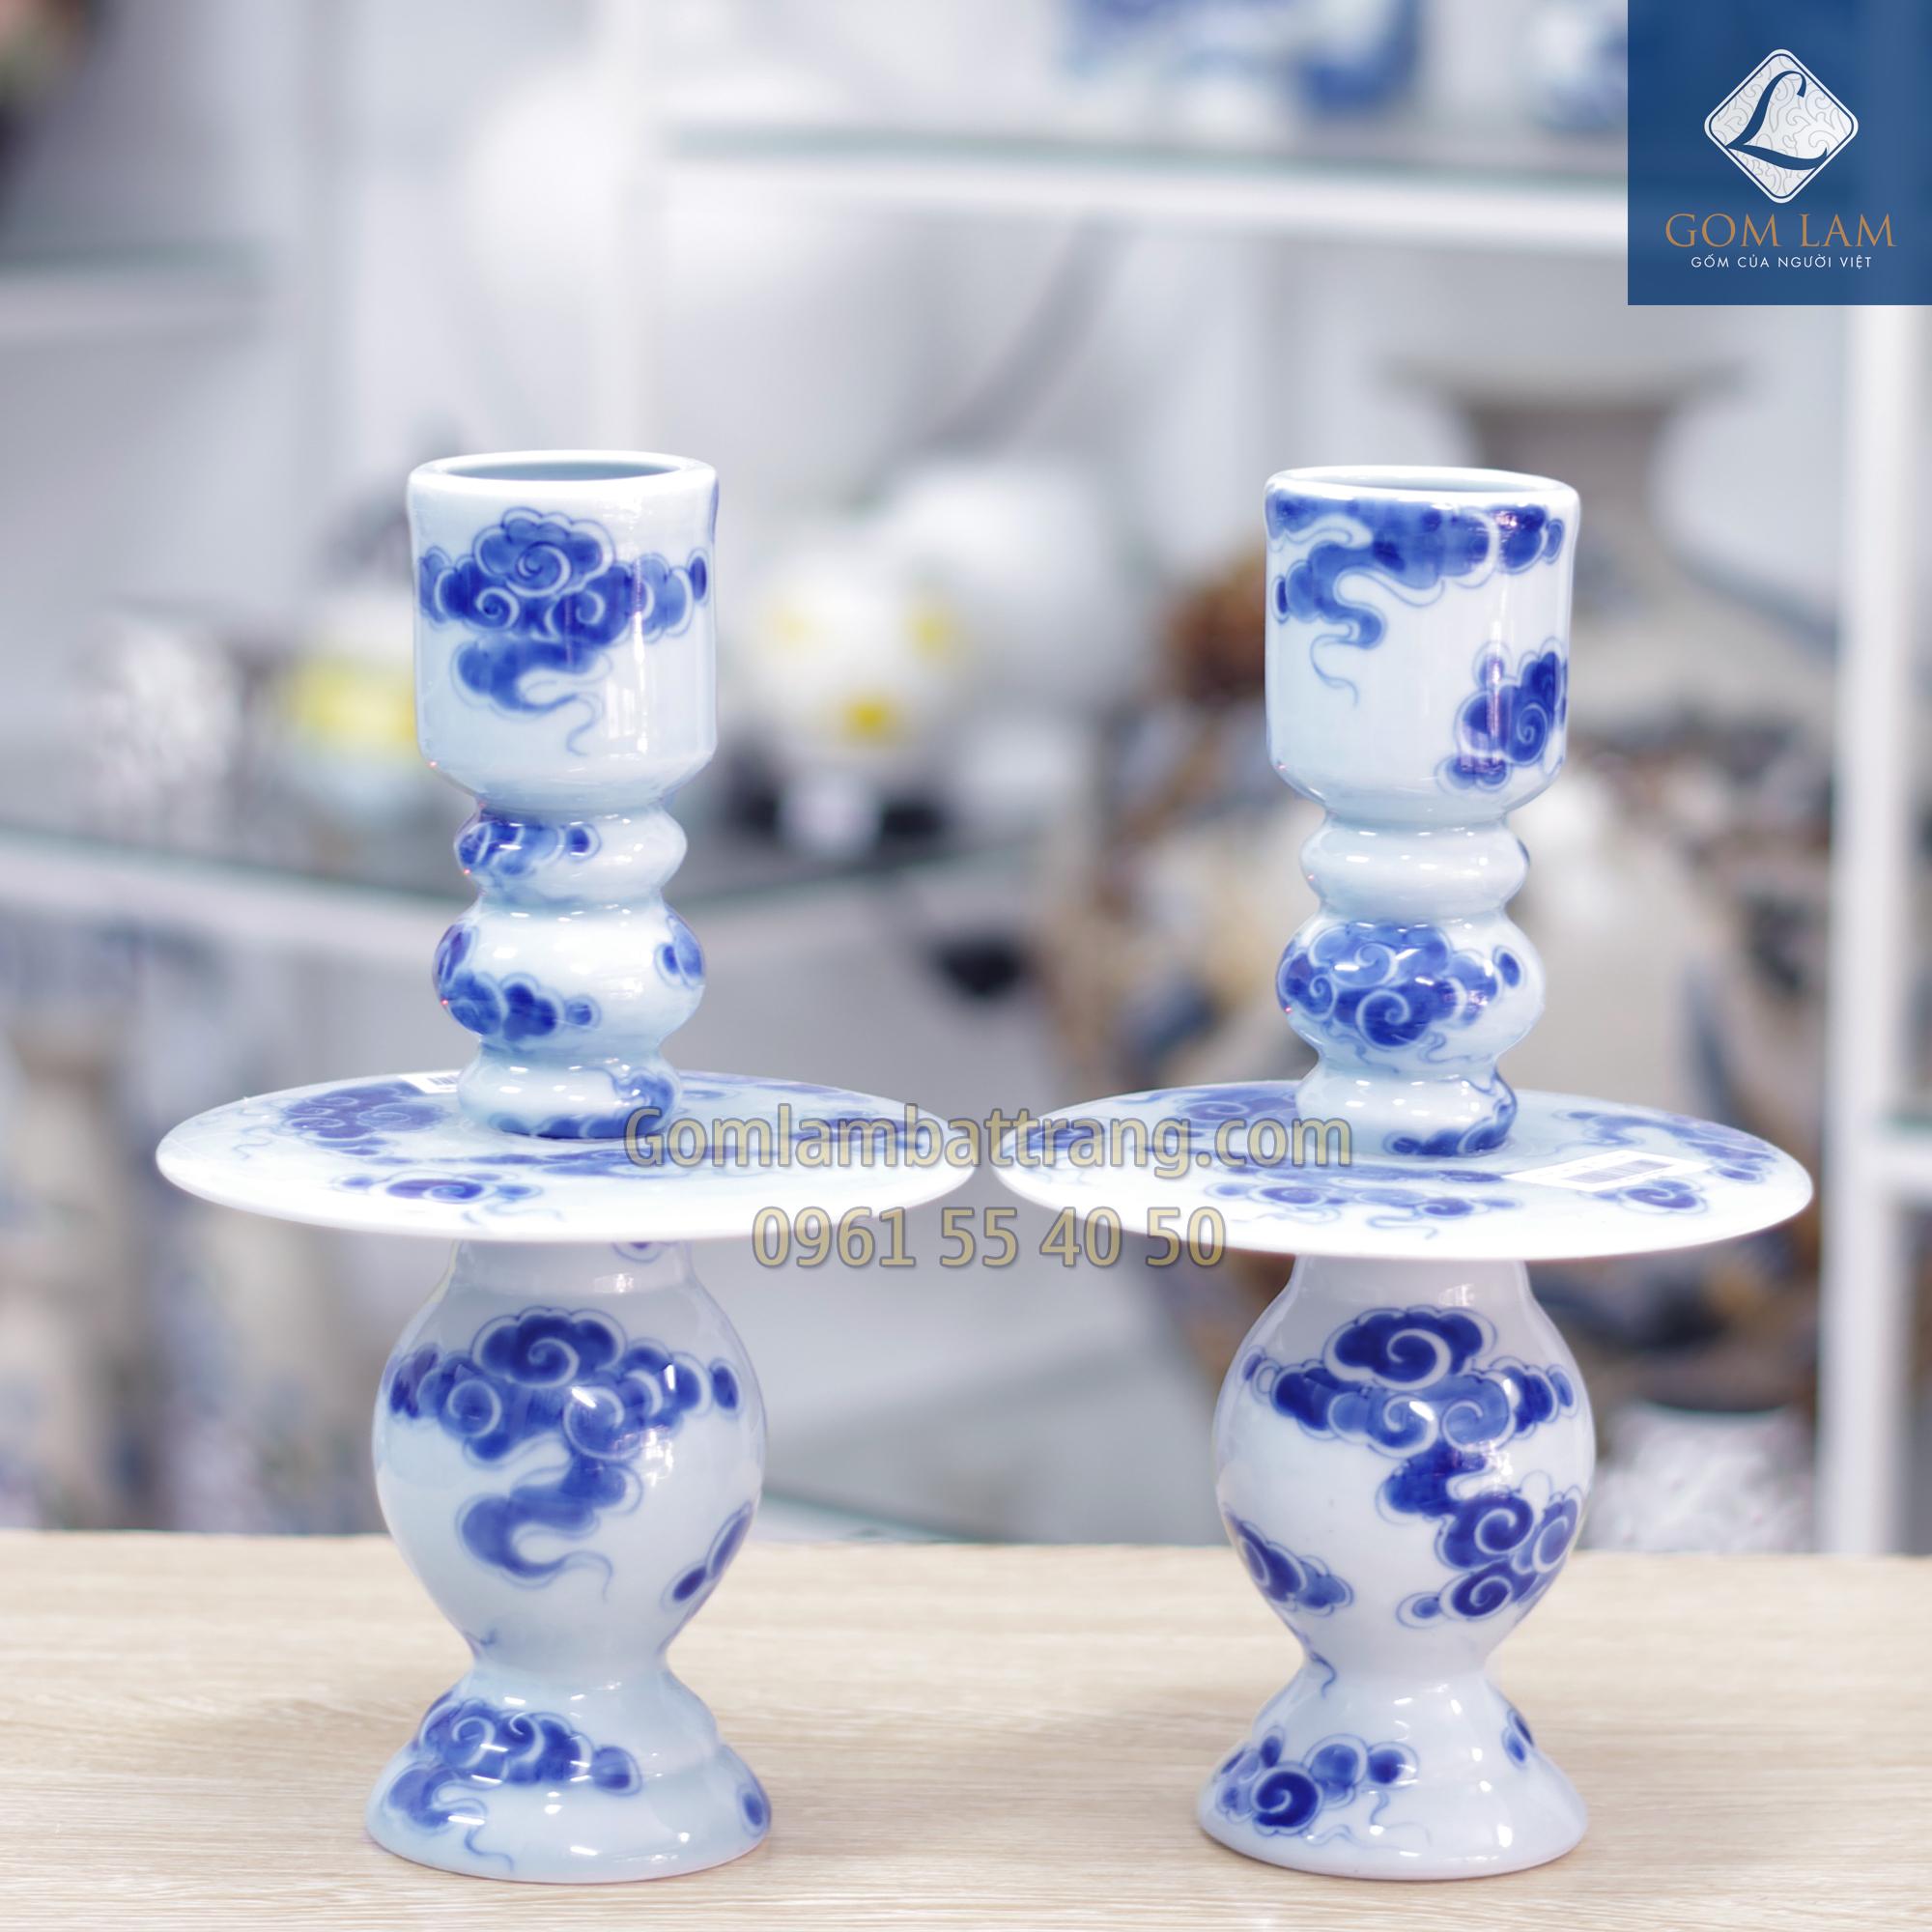 Cây nến men xanh ngọc Gốm Lam Bát Tràng